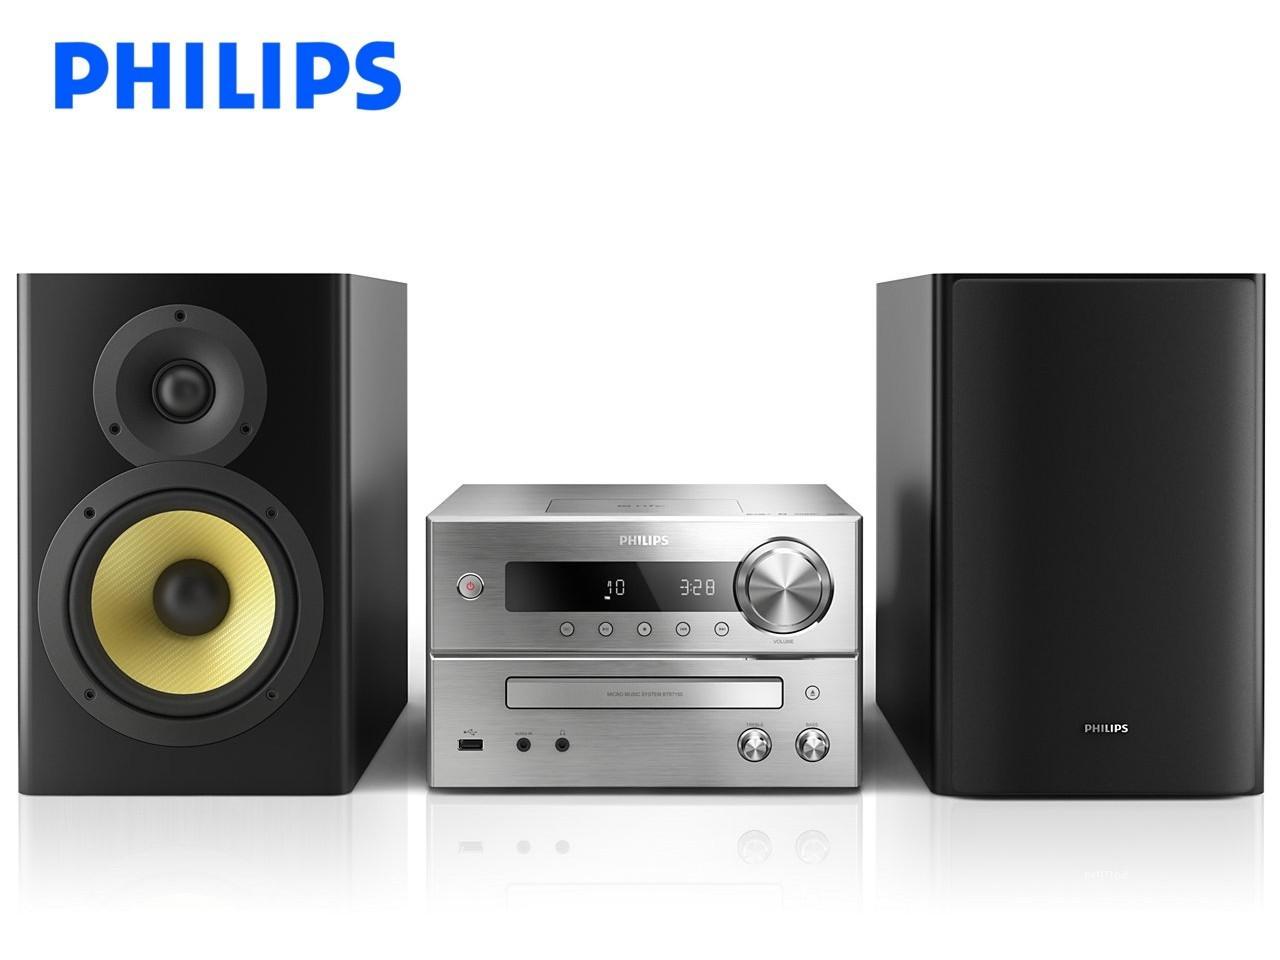 PHILIPS BTB7150 + 300 Kč na dárky nebo další nákup   CHAT on-line podpora PO-PÁ 8-22.00!!